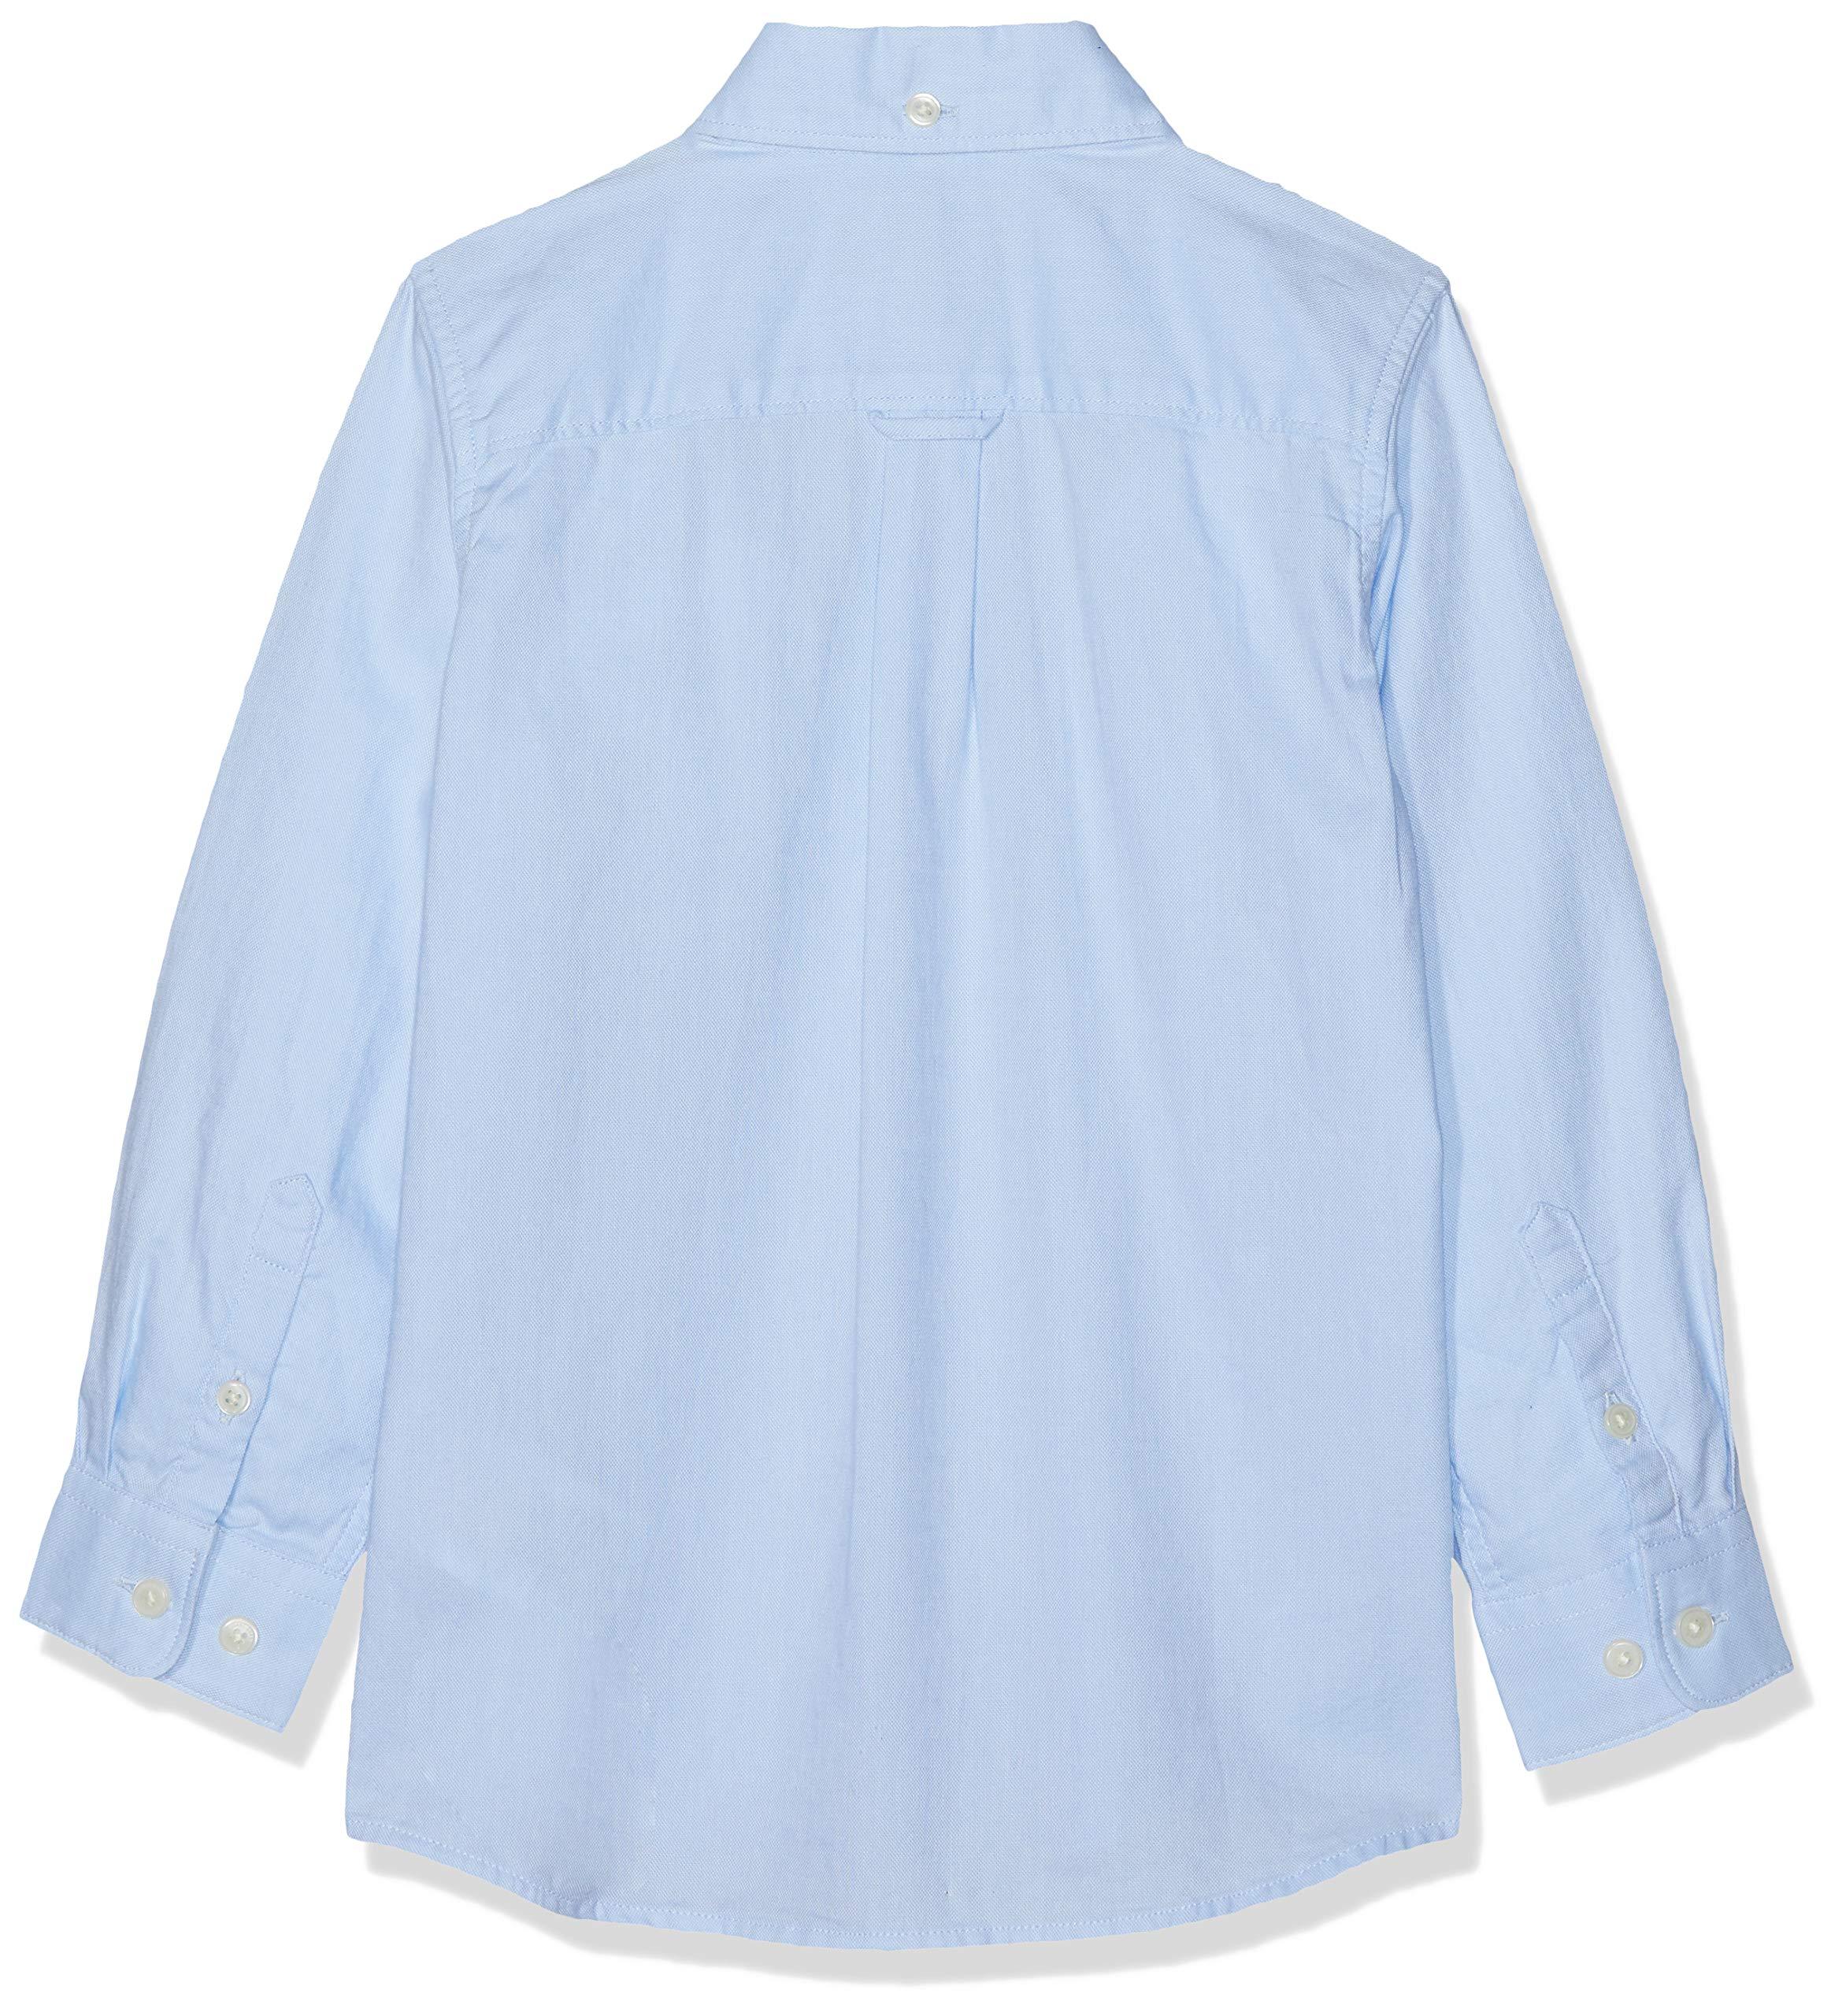 GANT D1. The Archive Oxford B.d. Shirt Blusa, Azul (Capri Blue 468), 104 (Talla del Fabricante: 98/104) para Bebés 2